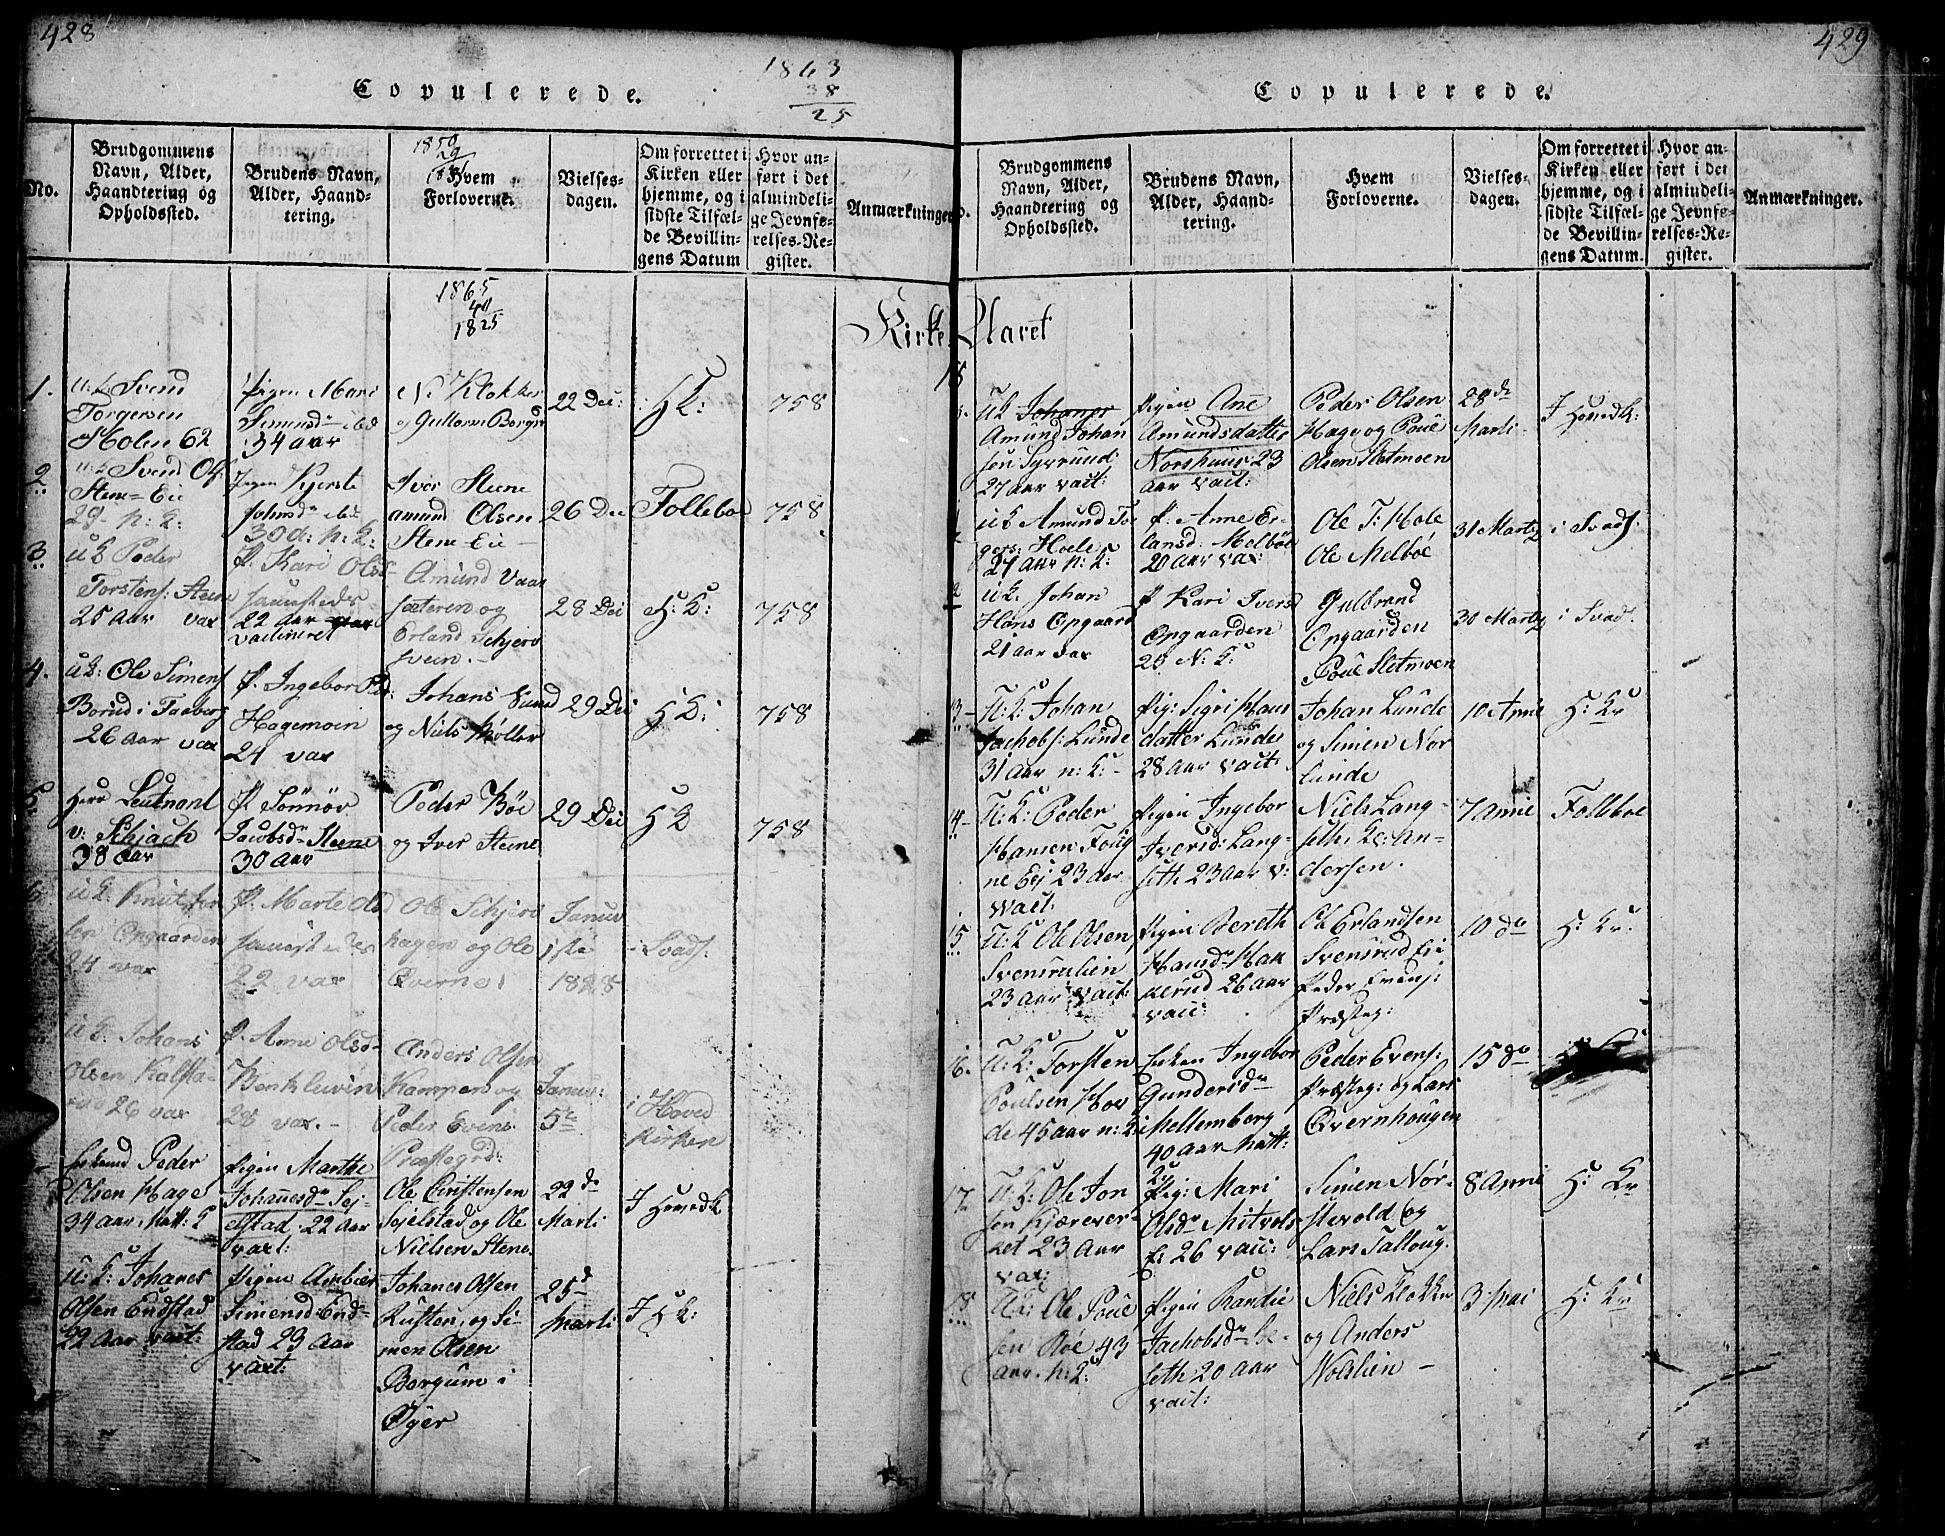 SAH, Gausdal prestekontor, Klokkerbok nr. 1, 1817-1848, s. 428-429